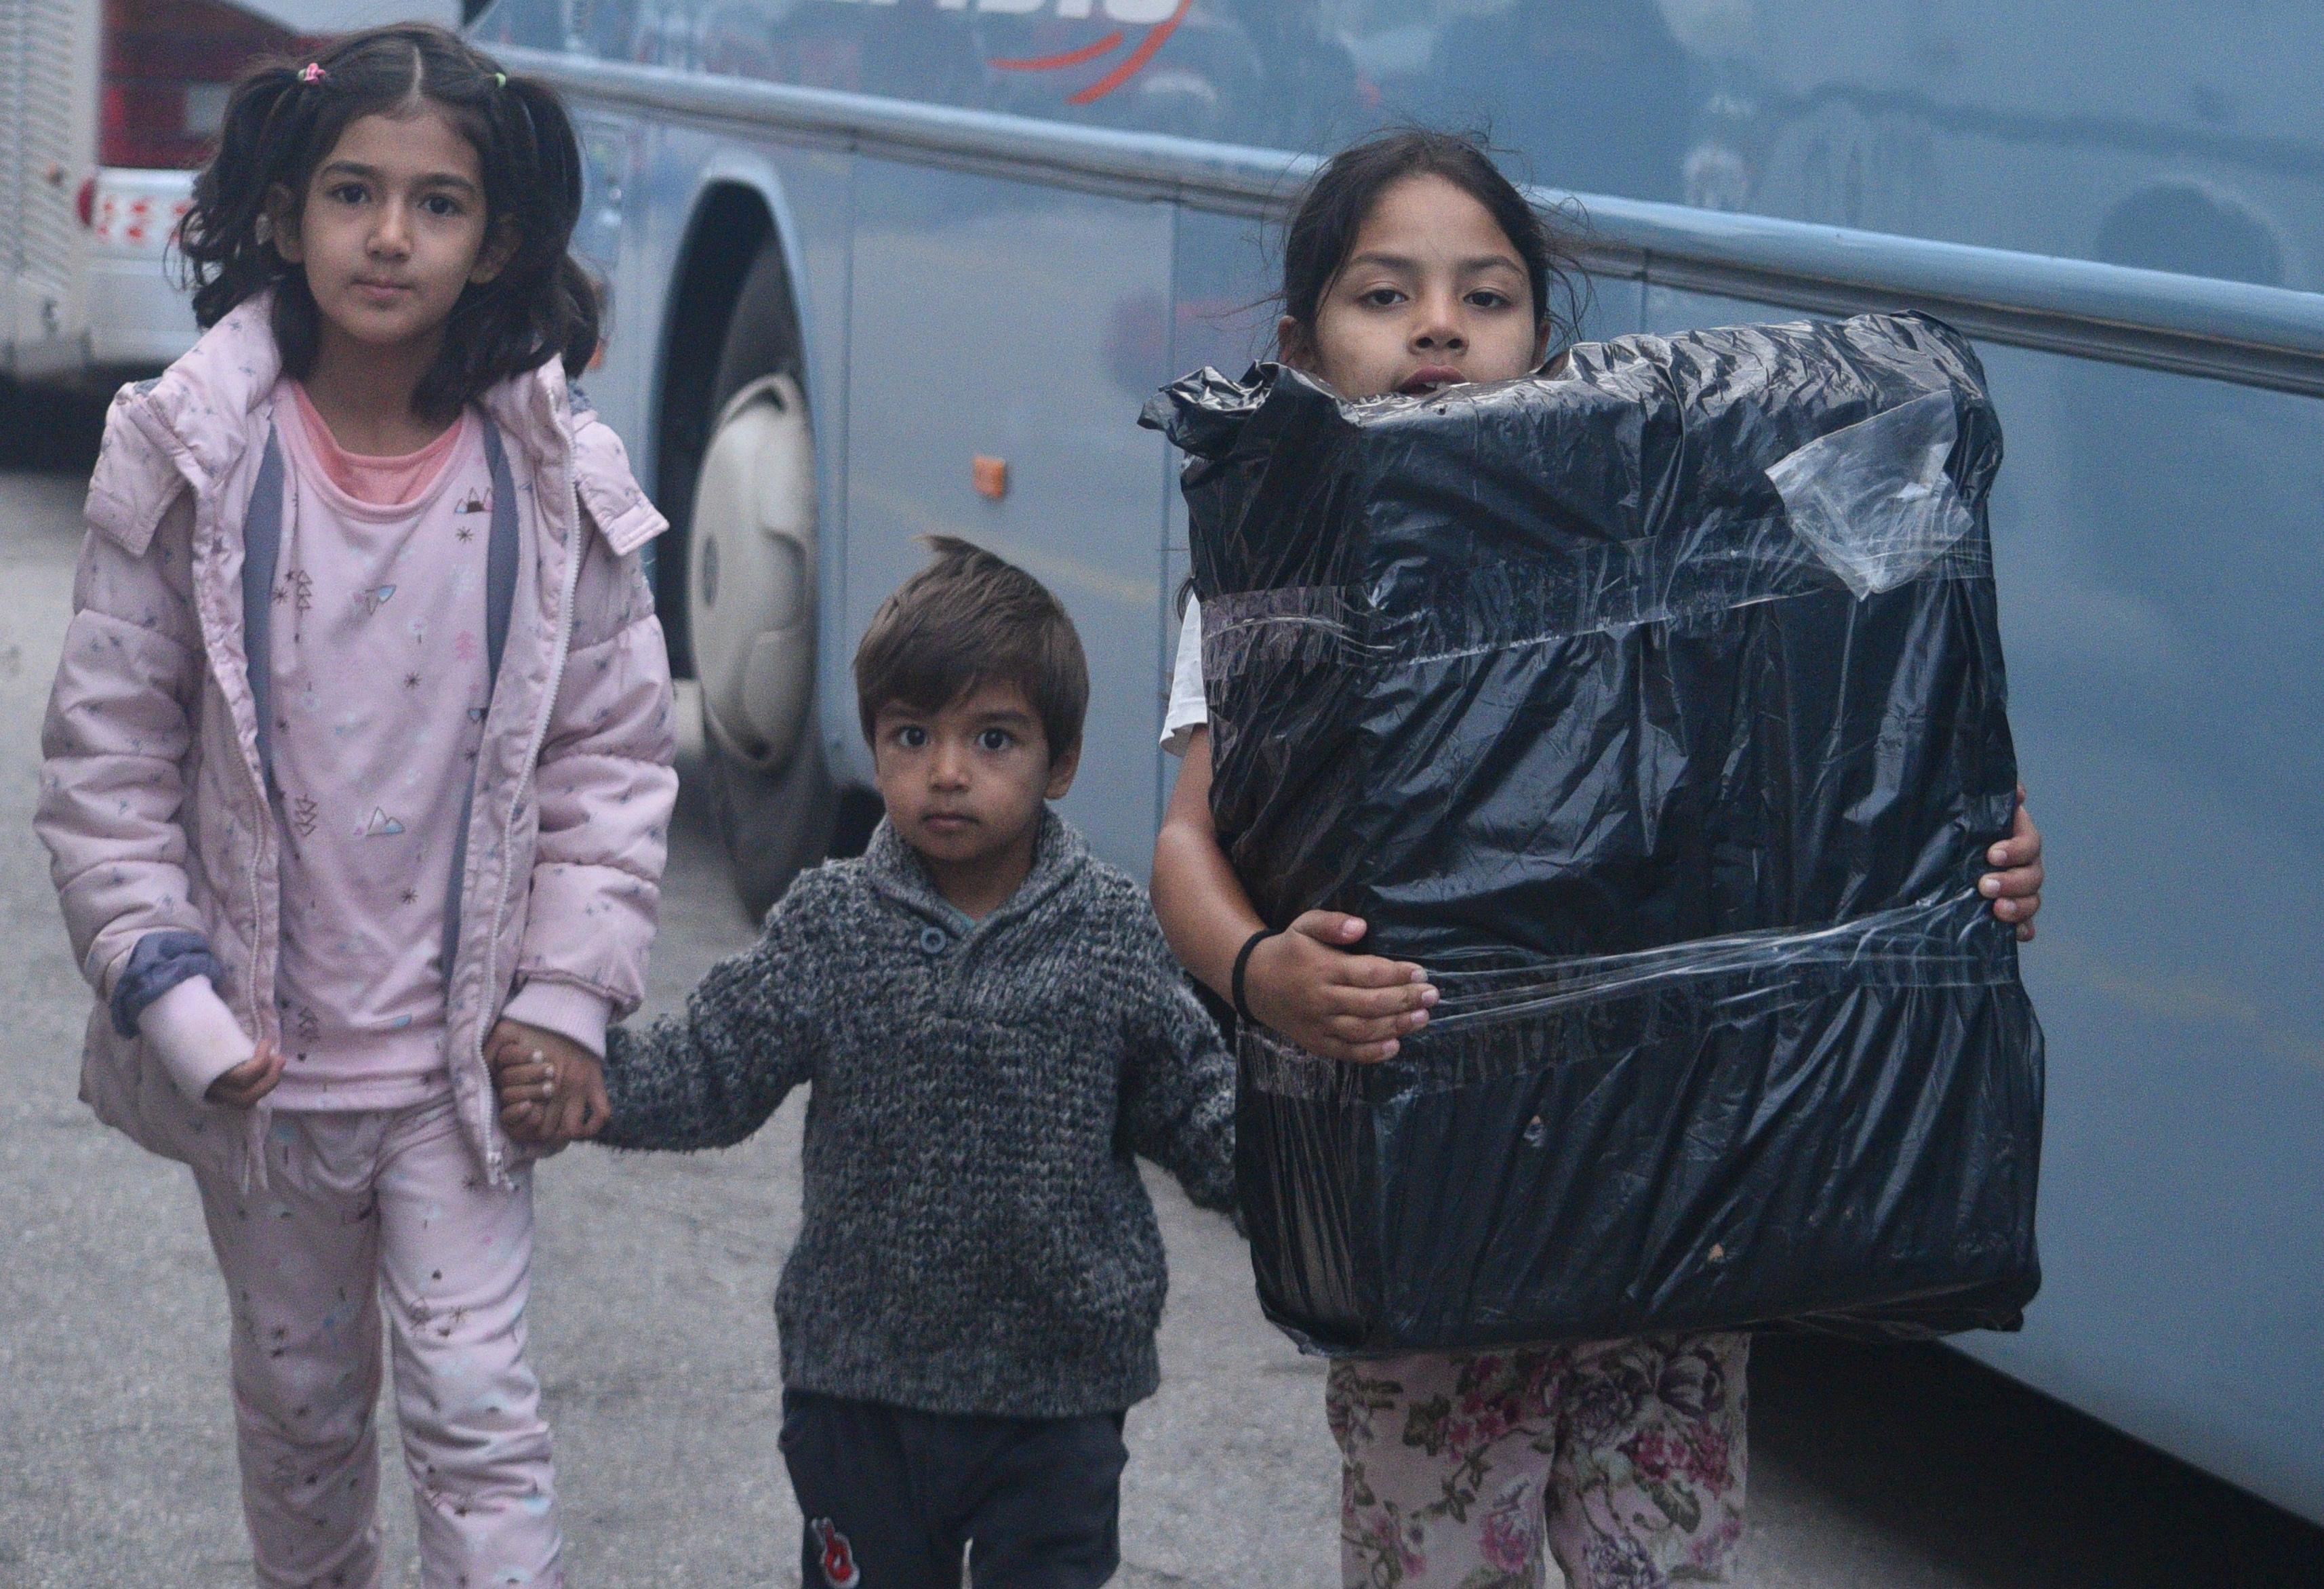 Πειραιάς: Στο λιμάνι 76 πρόσφυγες και μετανάστες από Χίο και Μυτιλήνη